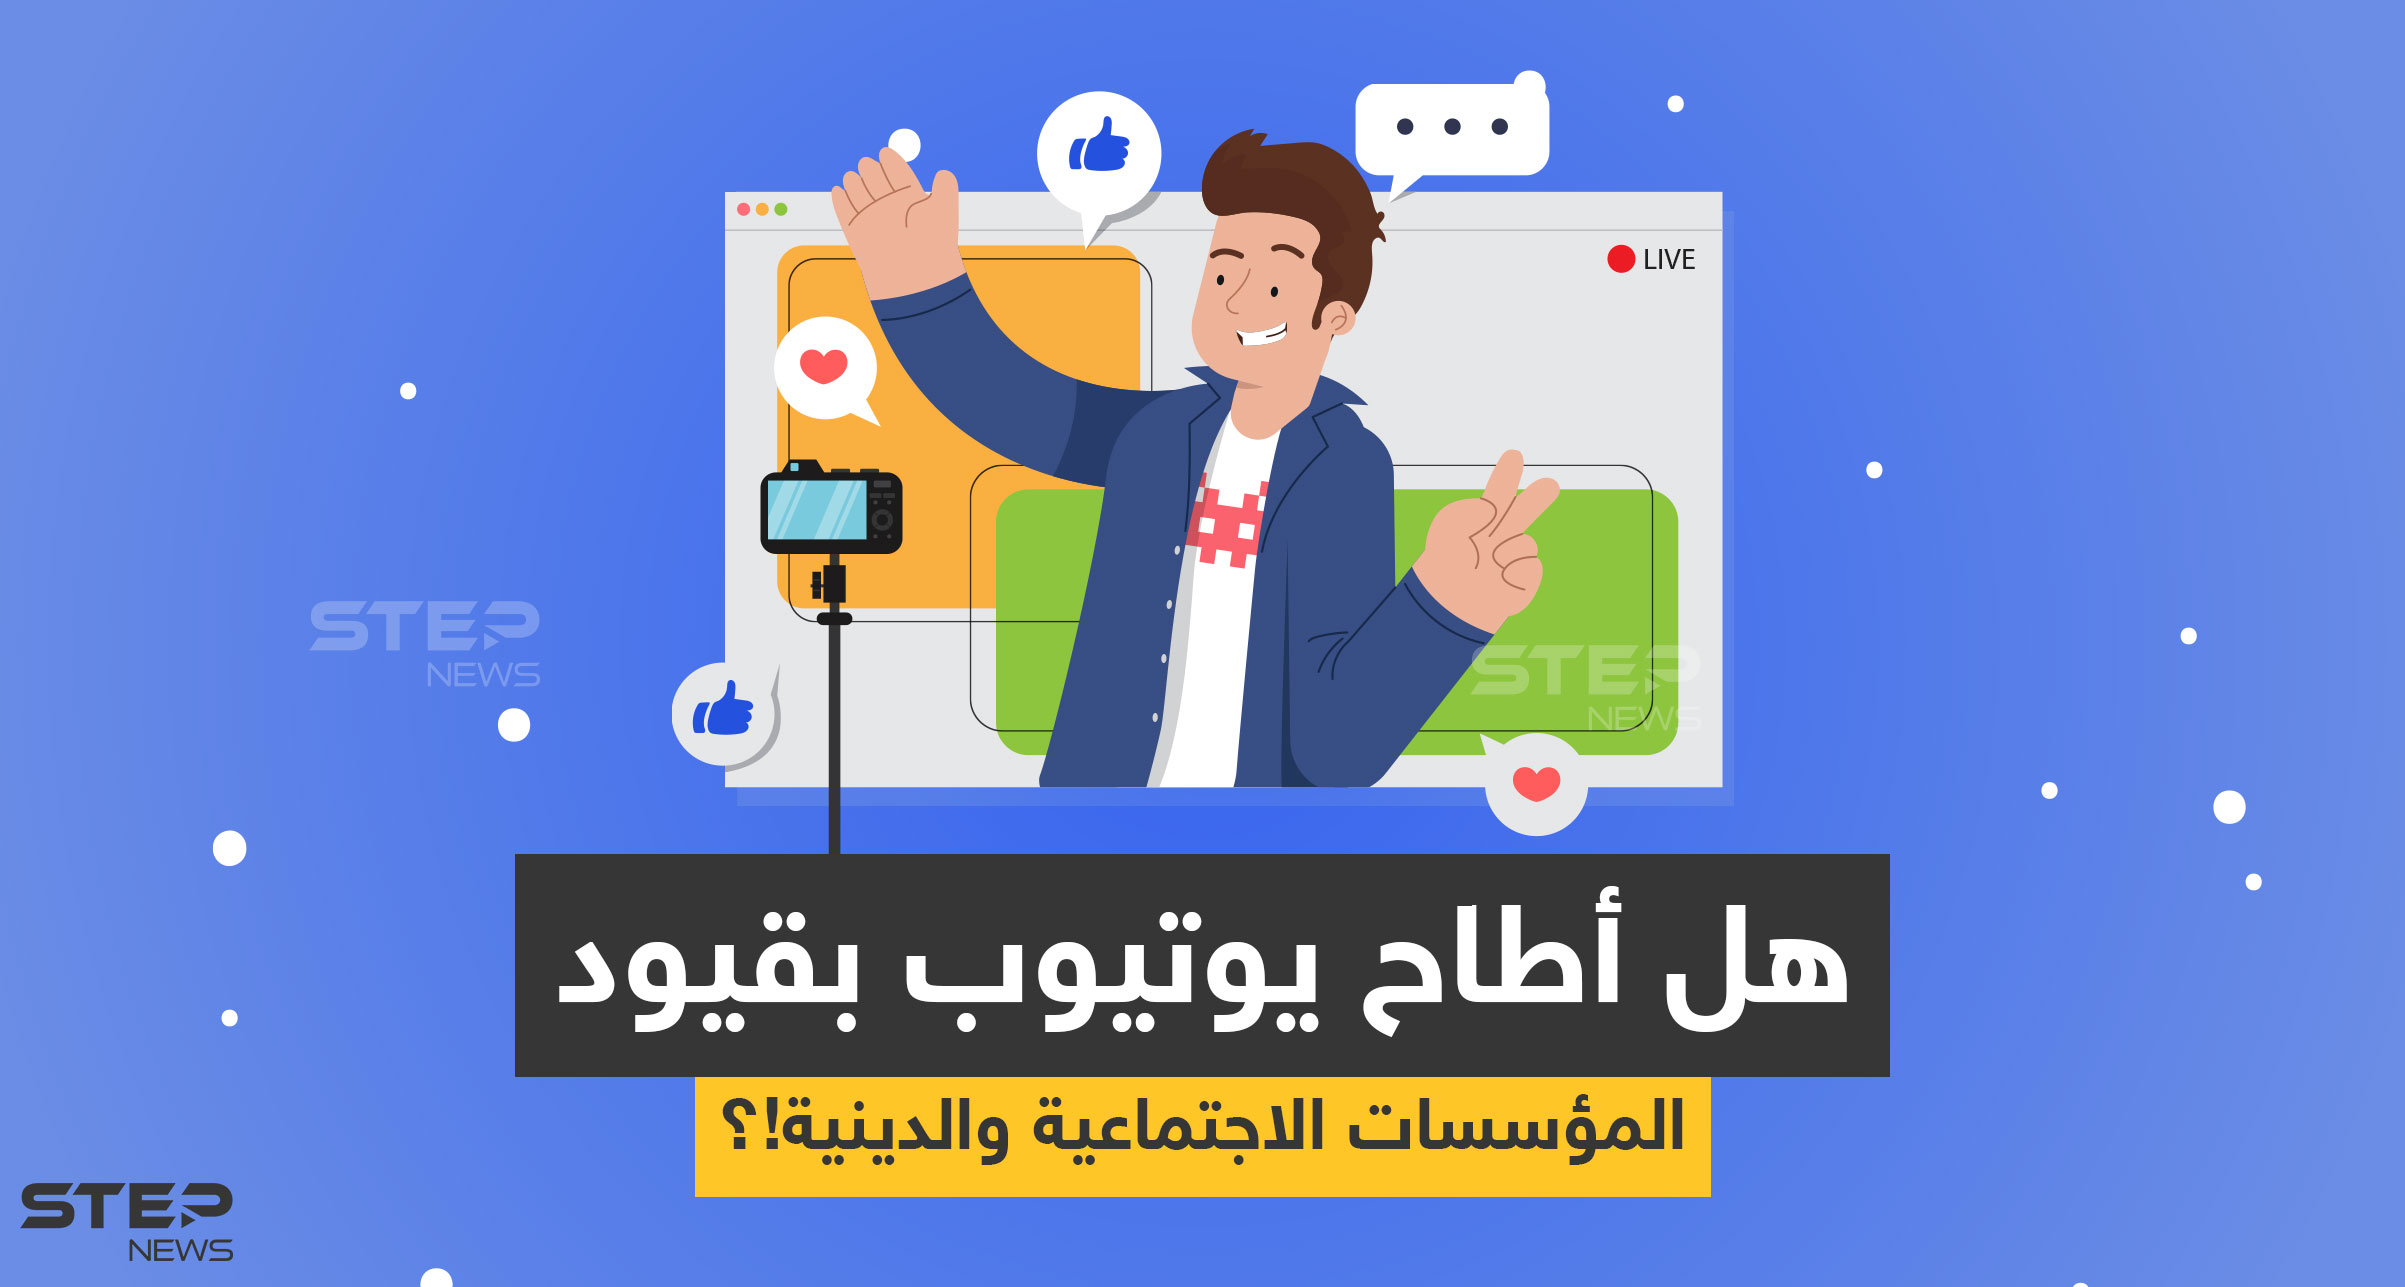 لماذا يلجأ معظم اليوتيوبرز العرب إلى المحتوى غير الهادف